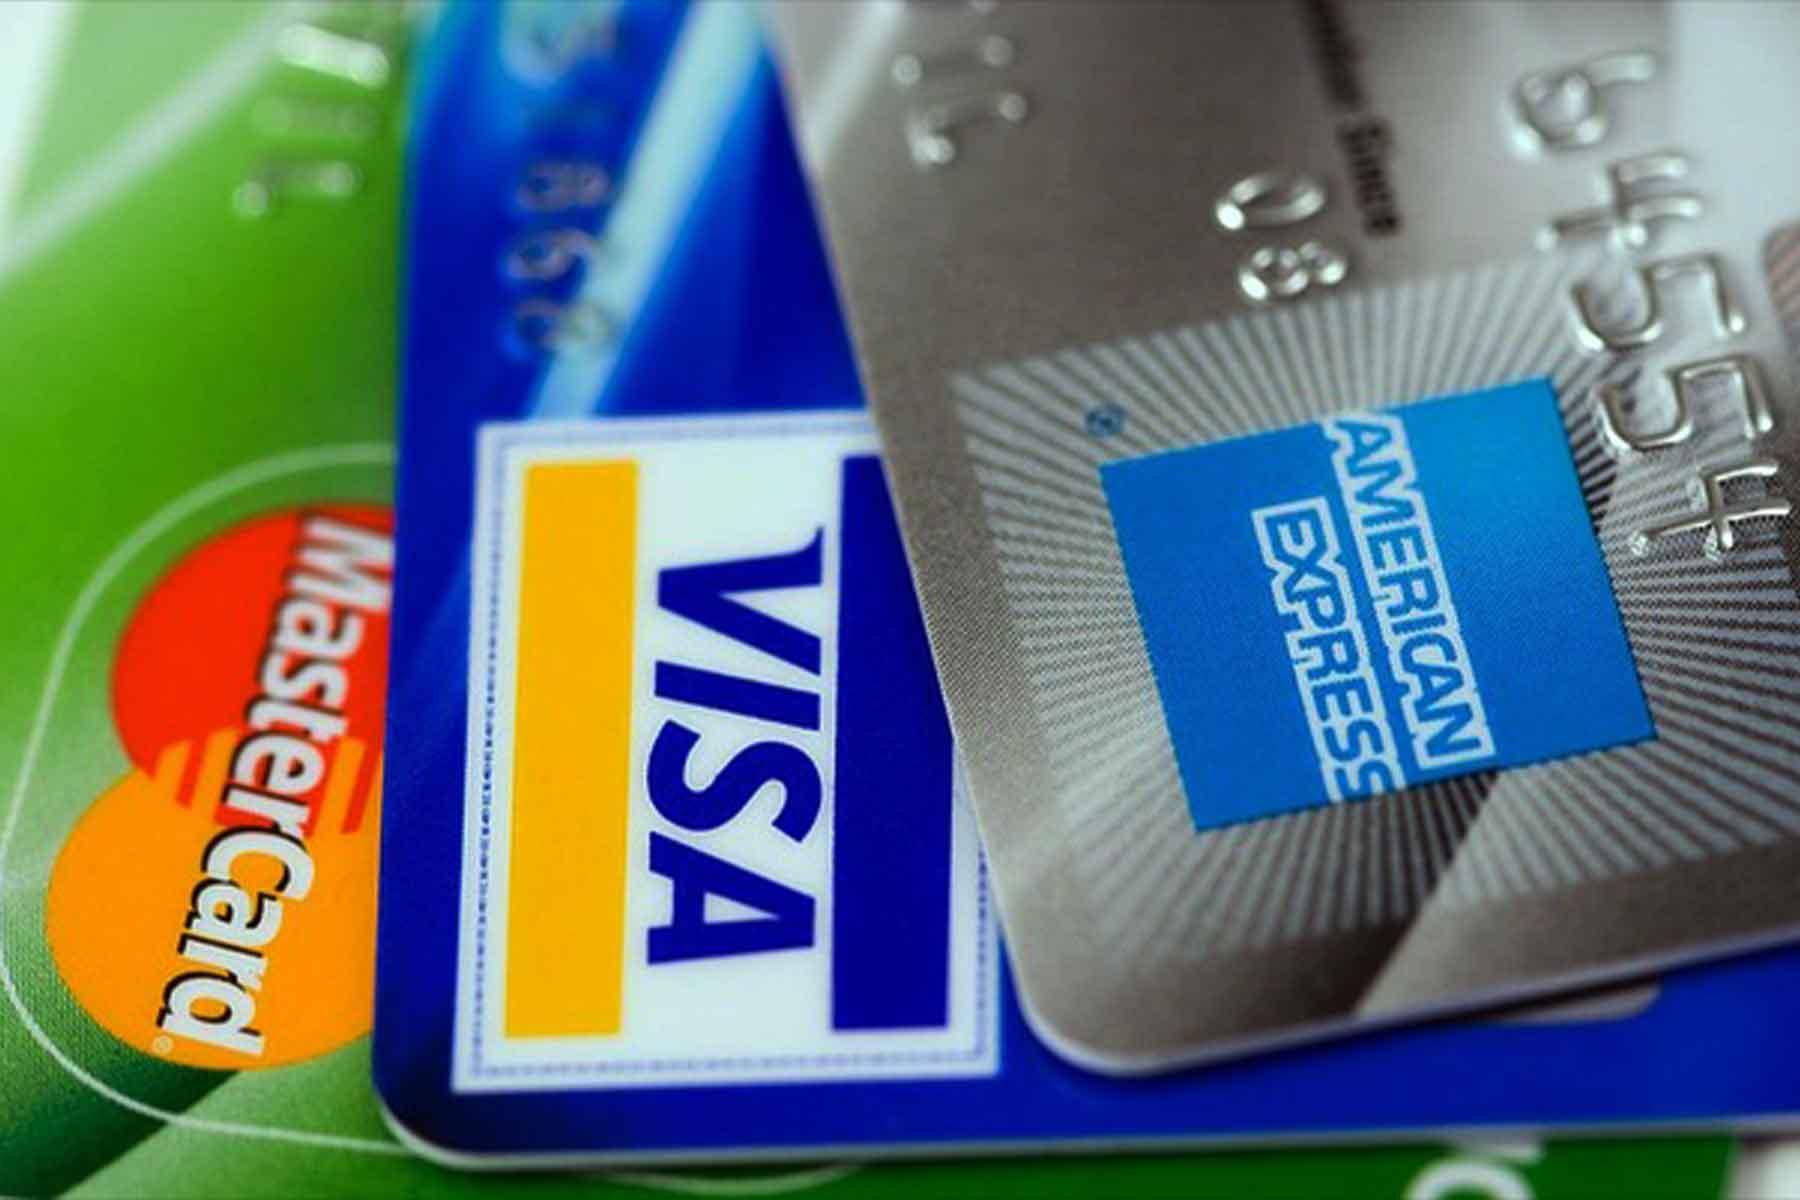 การเพิ่มบัตรเครดิต กับ PayPal